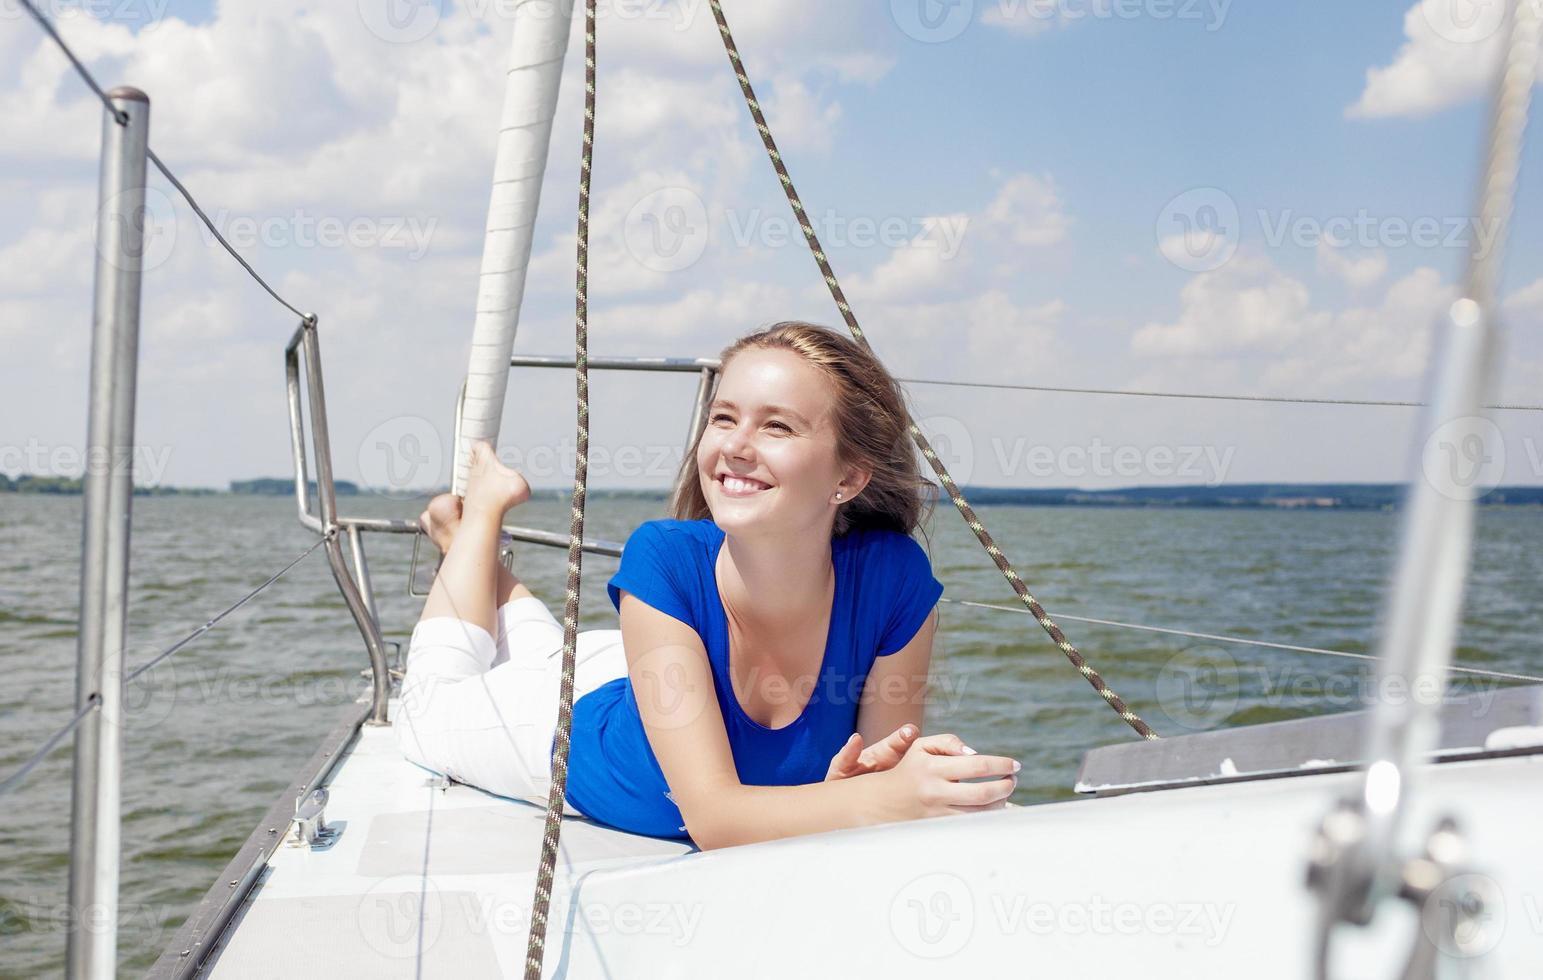 Reisekonzepte: lächelnde positive kaukasische Frau auf weißer Yacht foto